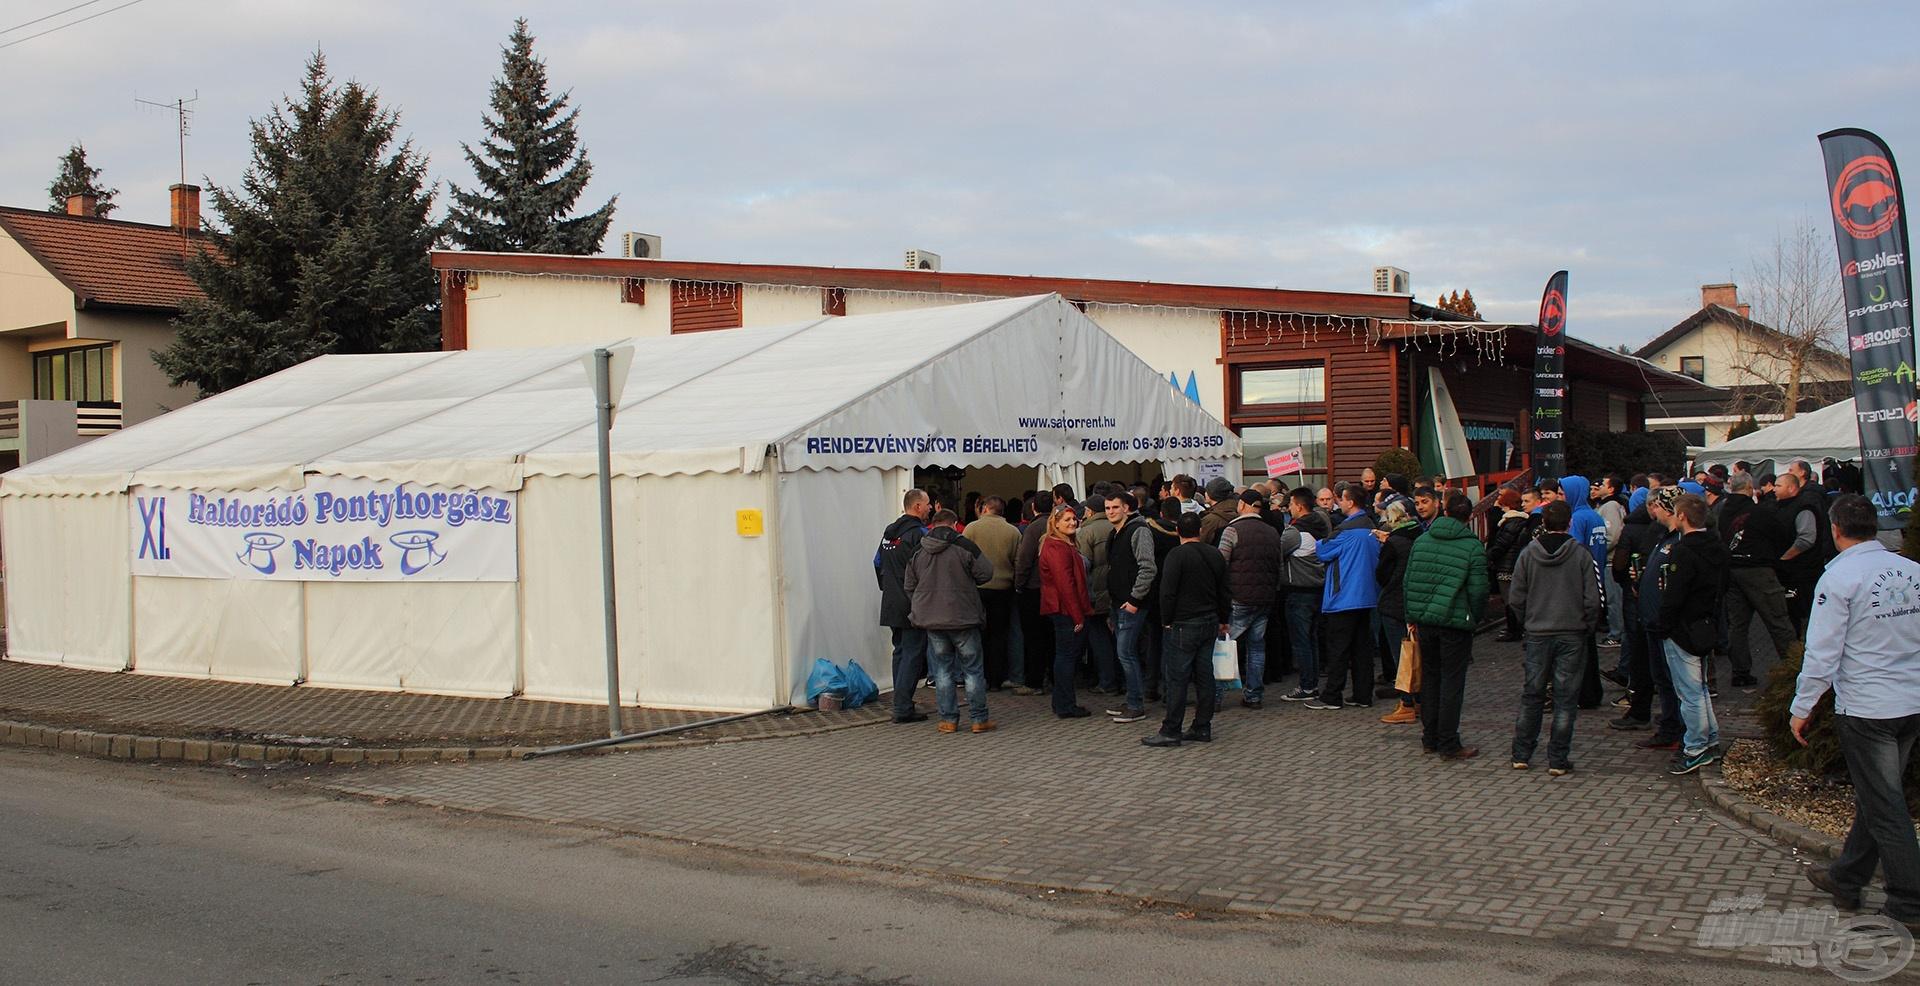 Rendkívül sokan várták a rendezvénysátoron kívül is, hogy meghallják a nevüket